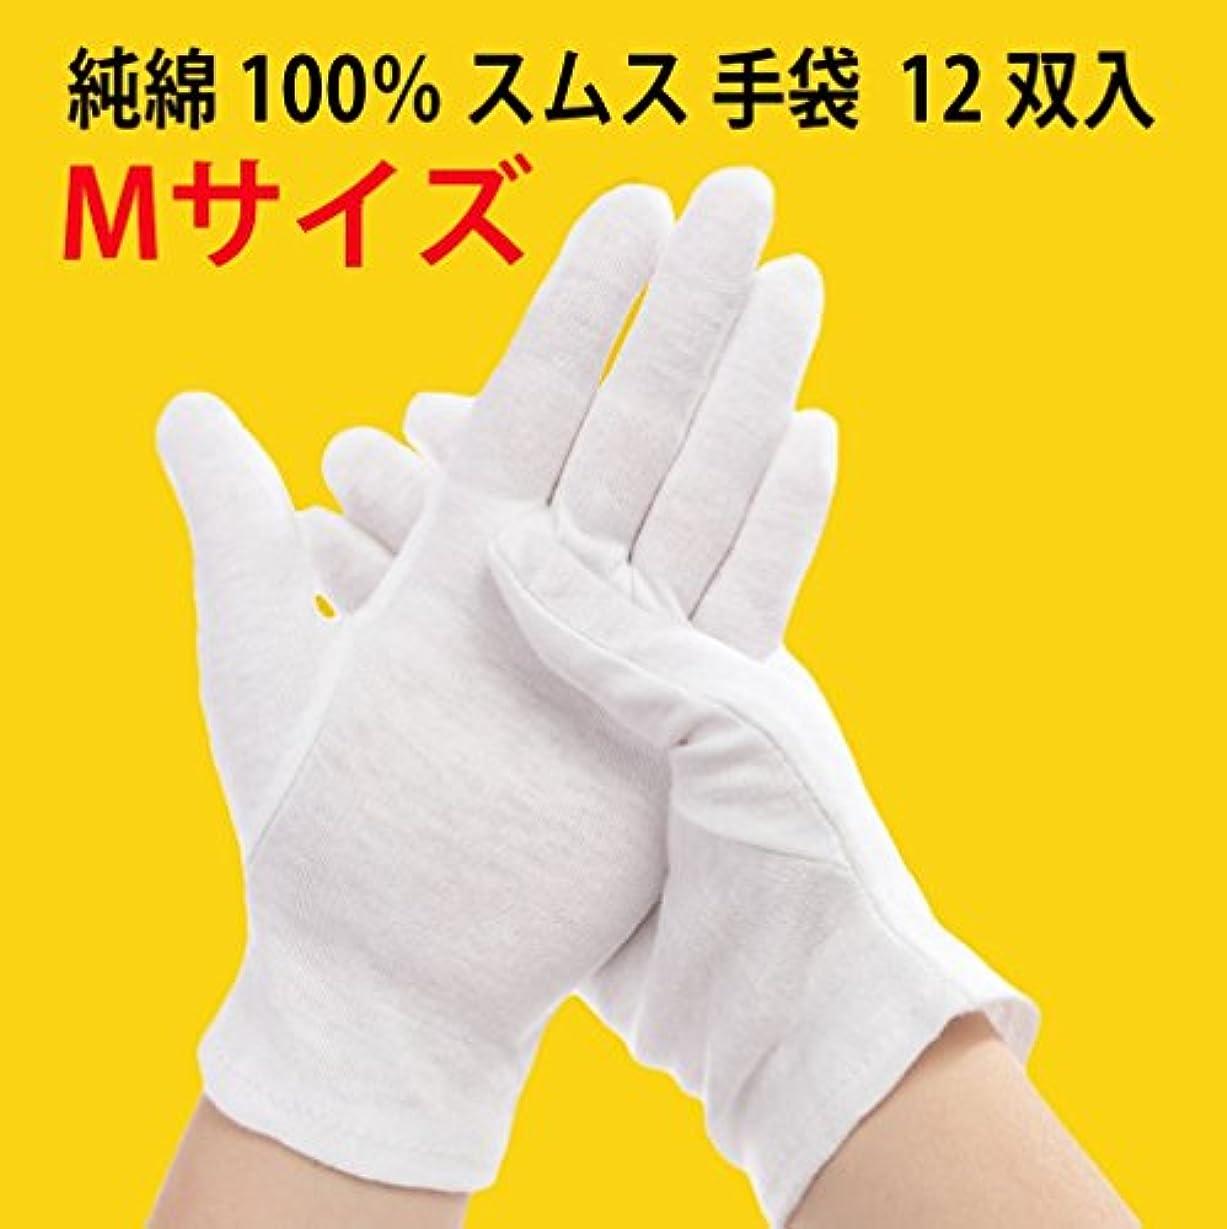 リフレッシュ武器キャメル純綿100% スムス 手袋 Mサイズ 12双 多用途 101115